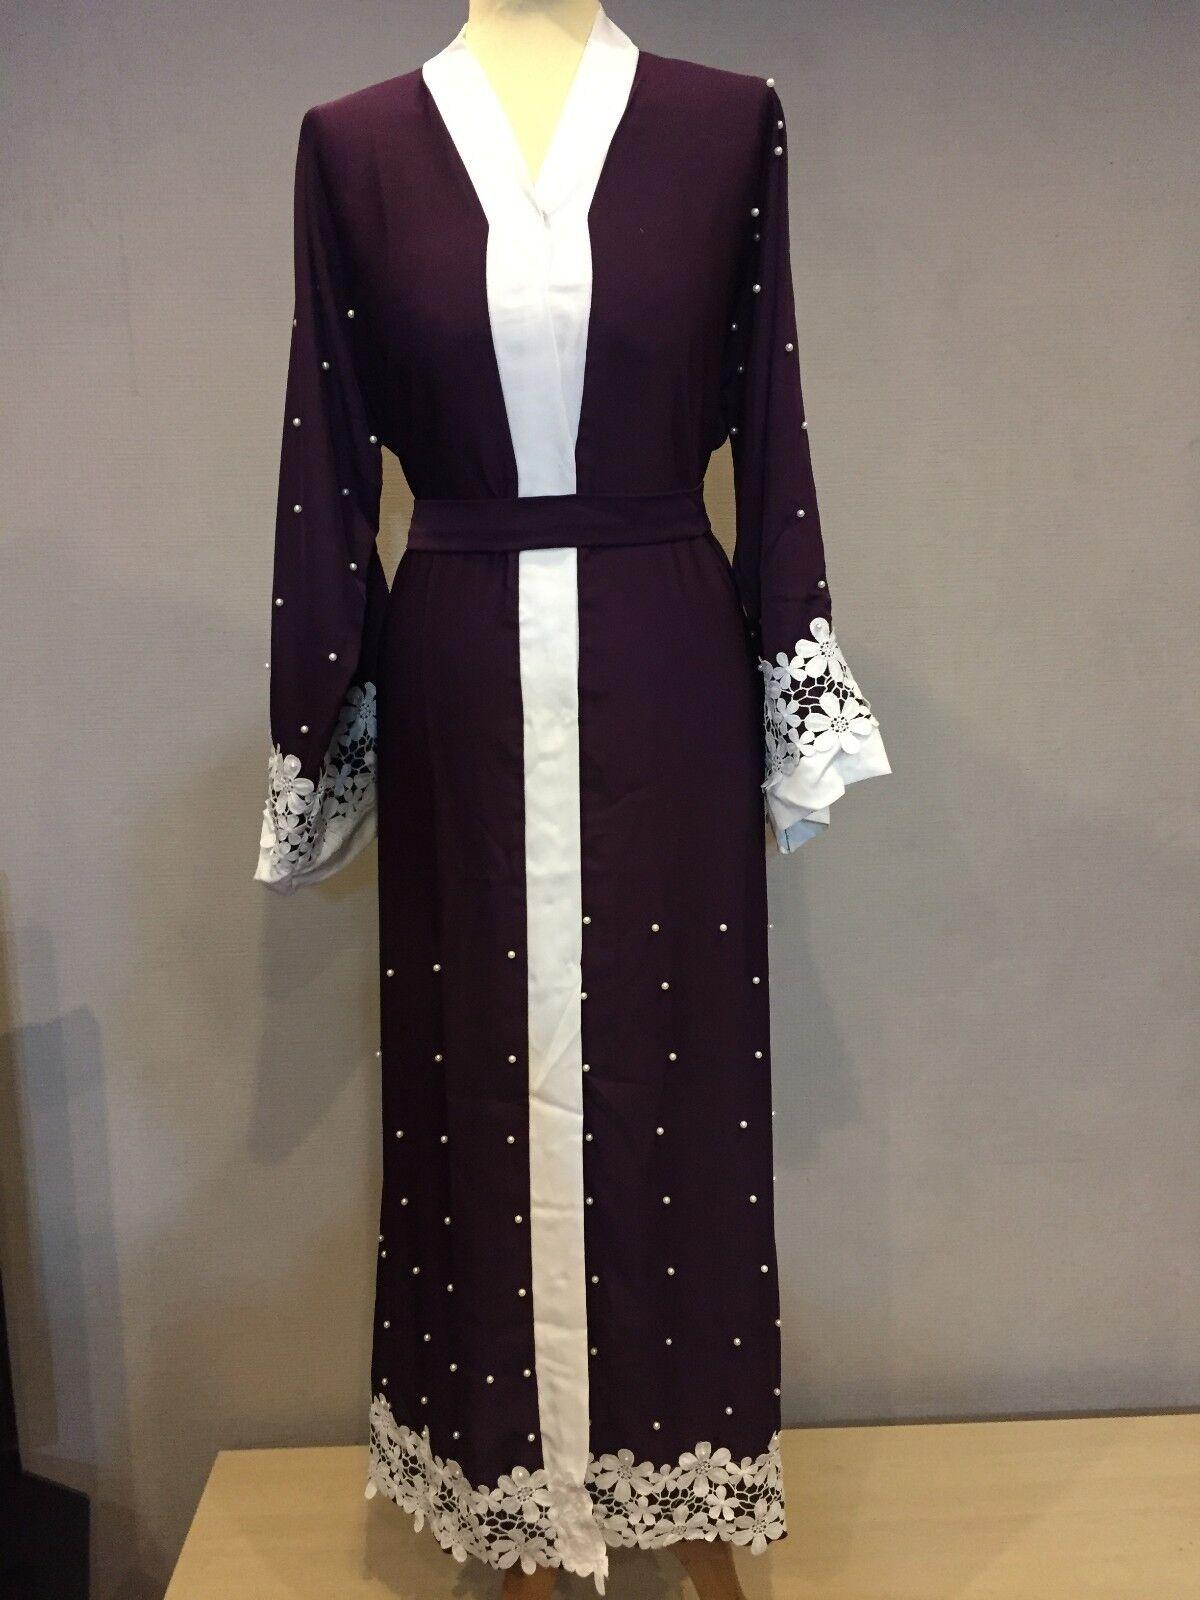 Donne Ragazze Ragazze Ragazze Abaya GIUBA Kimono Kaftano caftano maxi Caftano Burka Dubai SA03 NUOVO 643b37